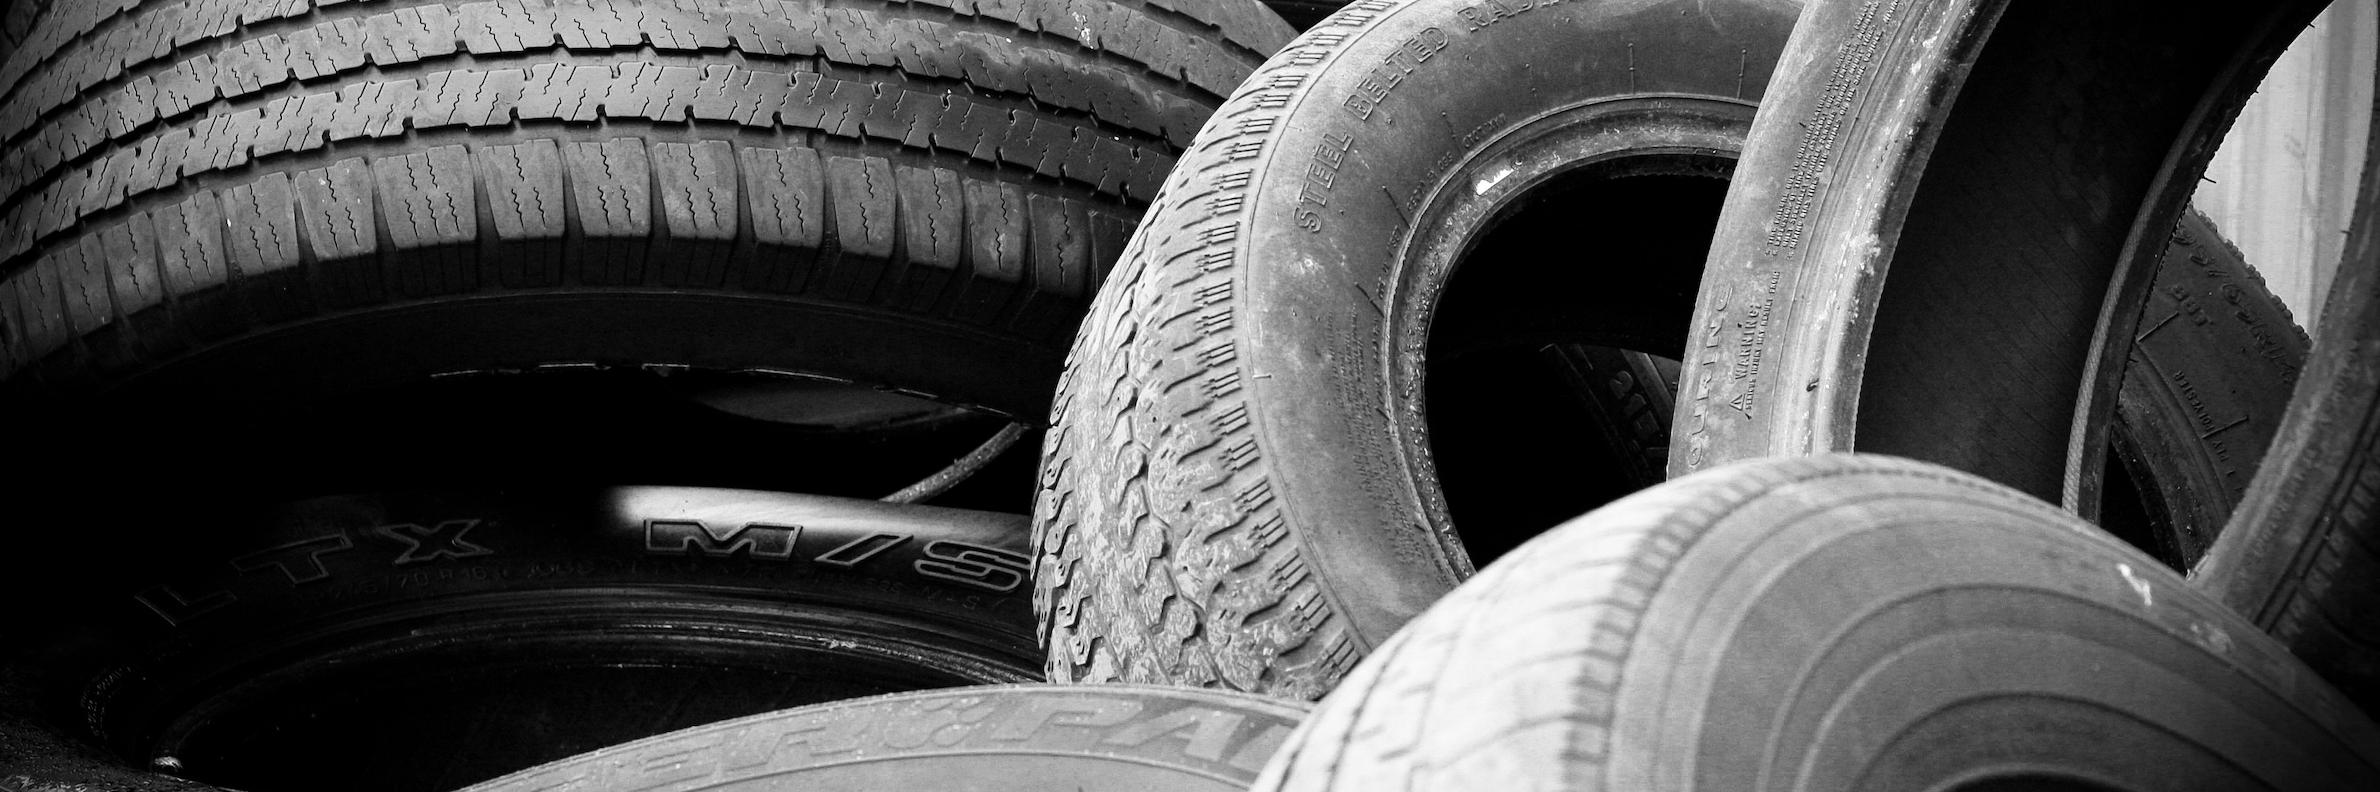 Tire Service Jamaica